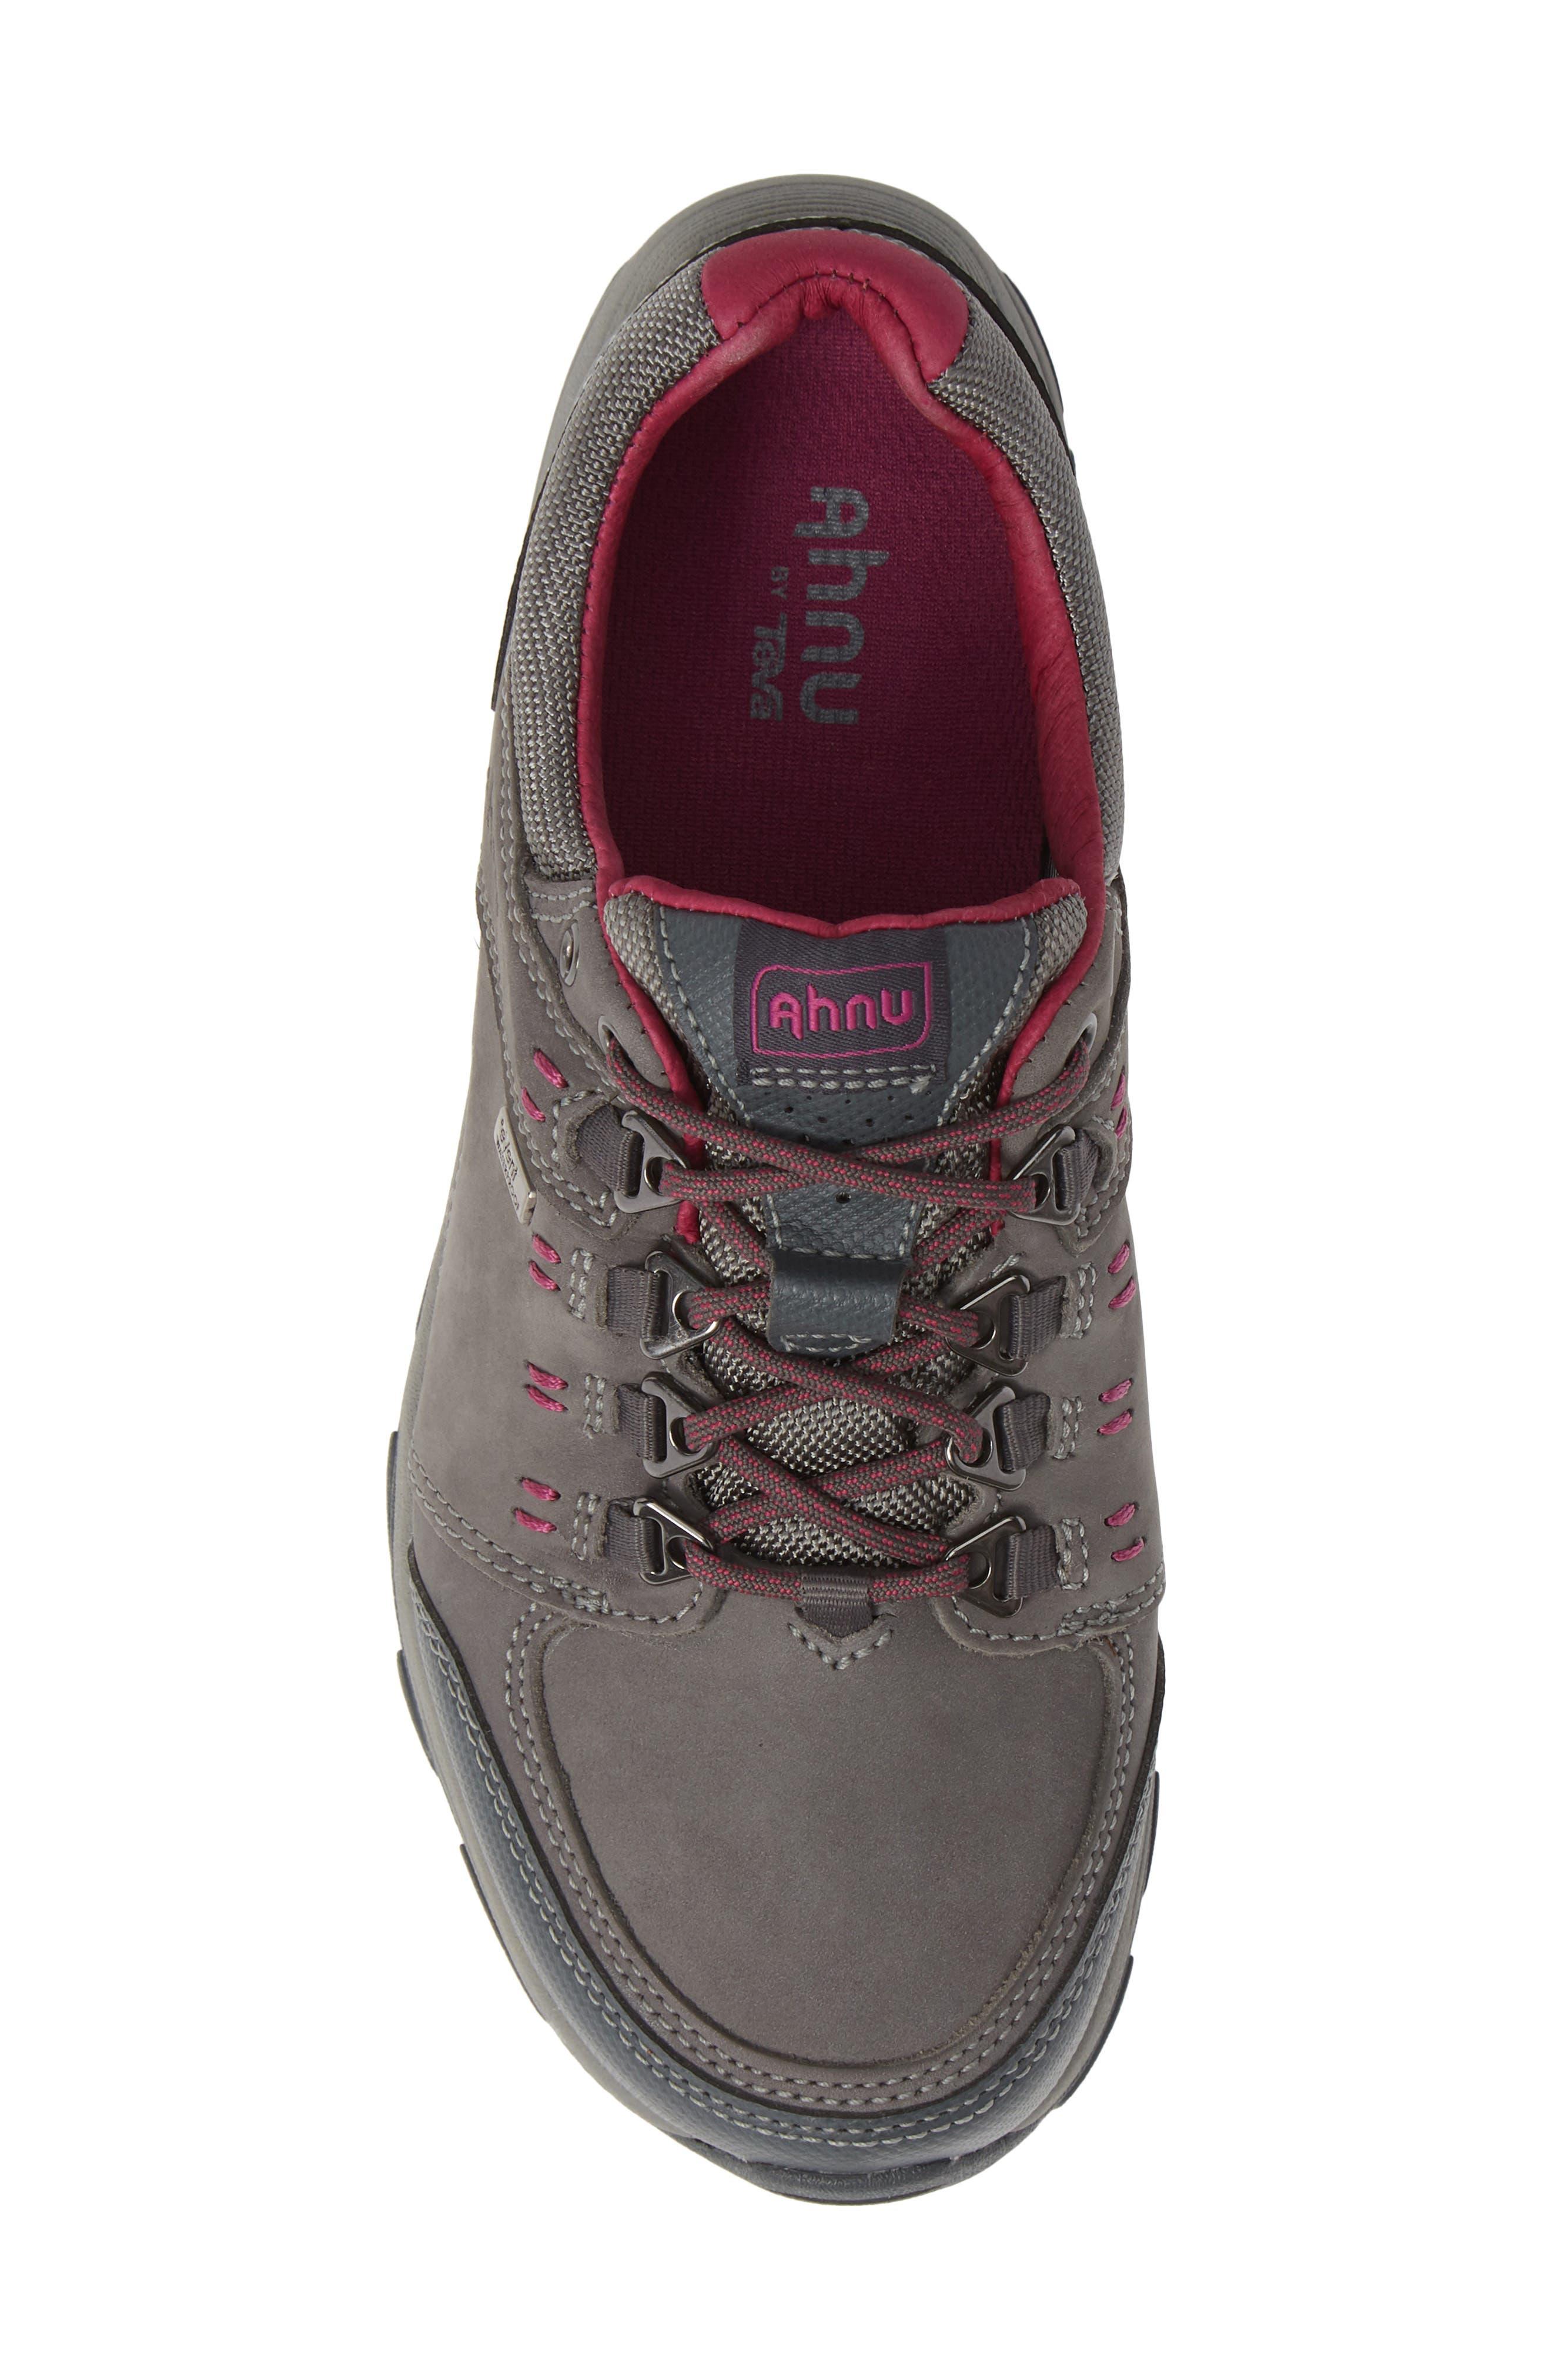 TEVA,                             Ahnu by Teva Montara III Waterproof Hiking Sneaker,                             Alternate thumbnail 5, color,                             CHARCOAL GRAY NUBUCK LEATHER